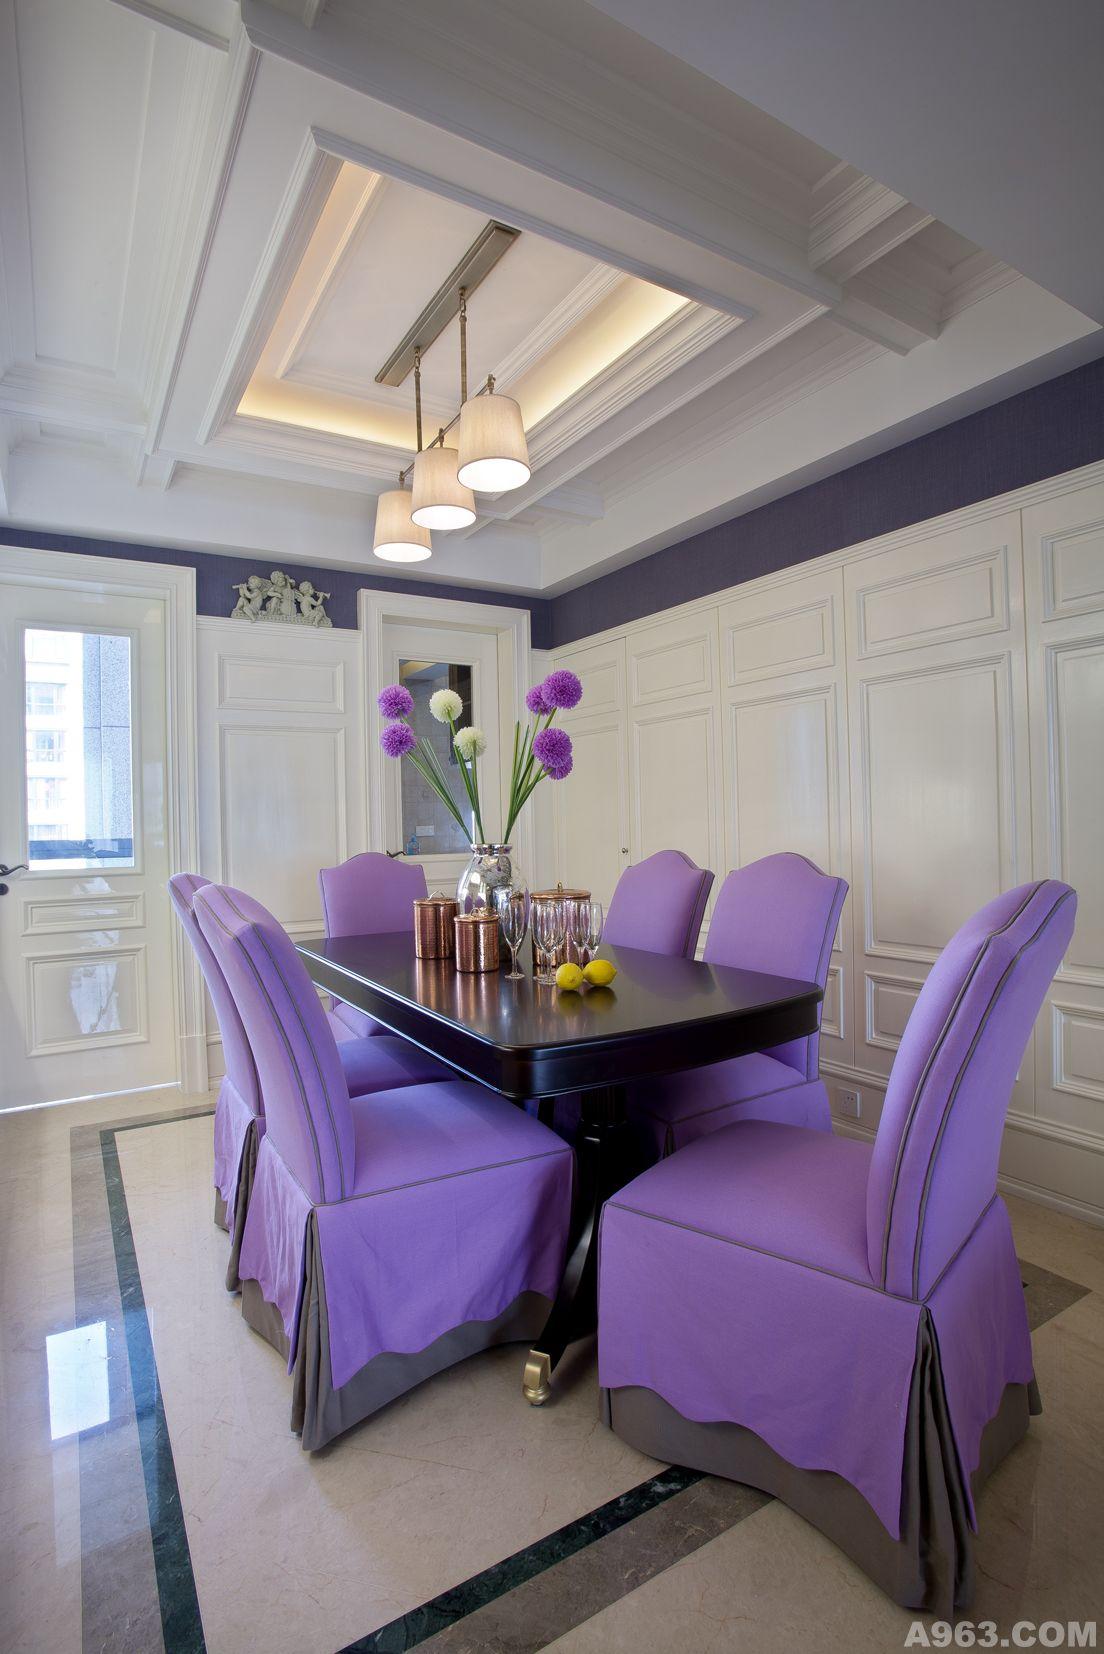 蓝调的优雅 - 公寓设计 - 第5页 - 葛晓彪设计作品案例